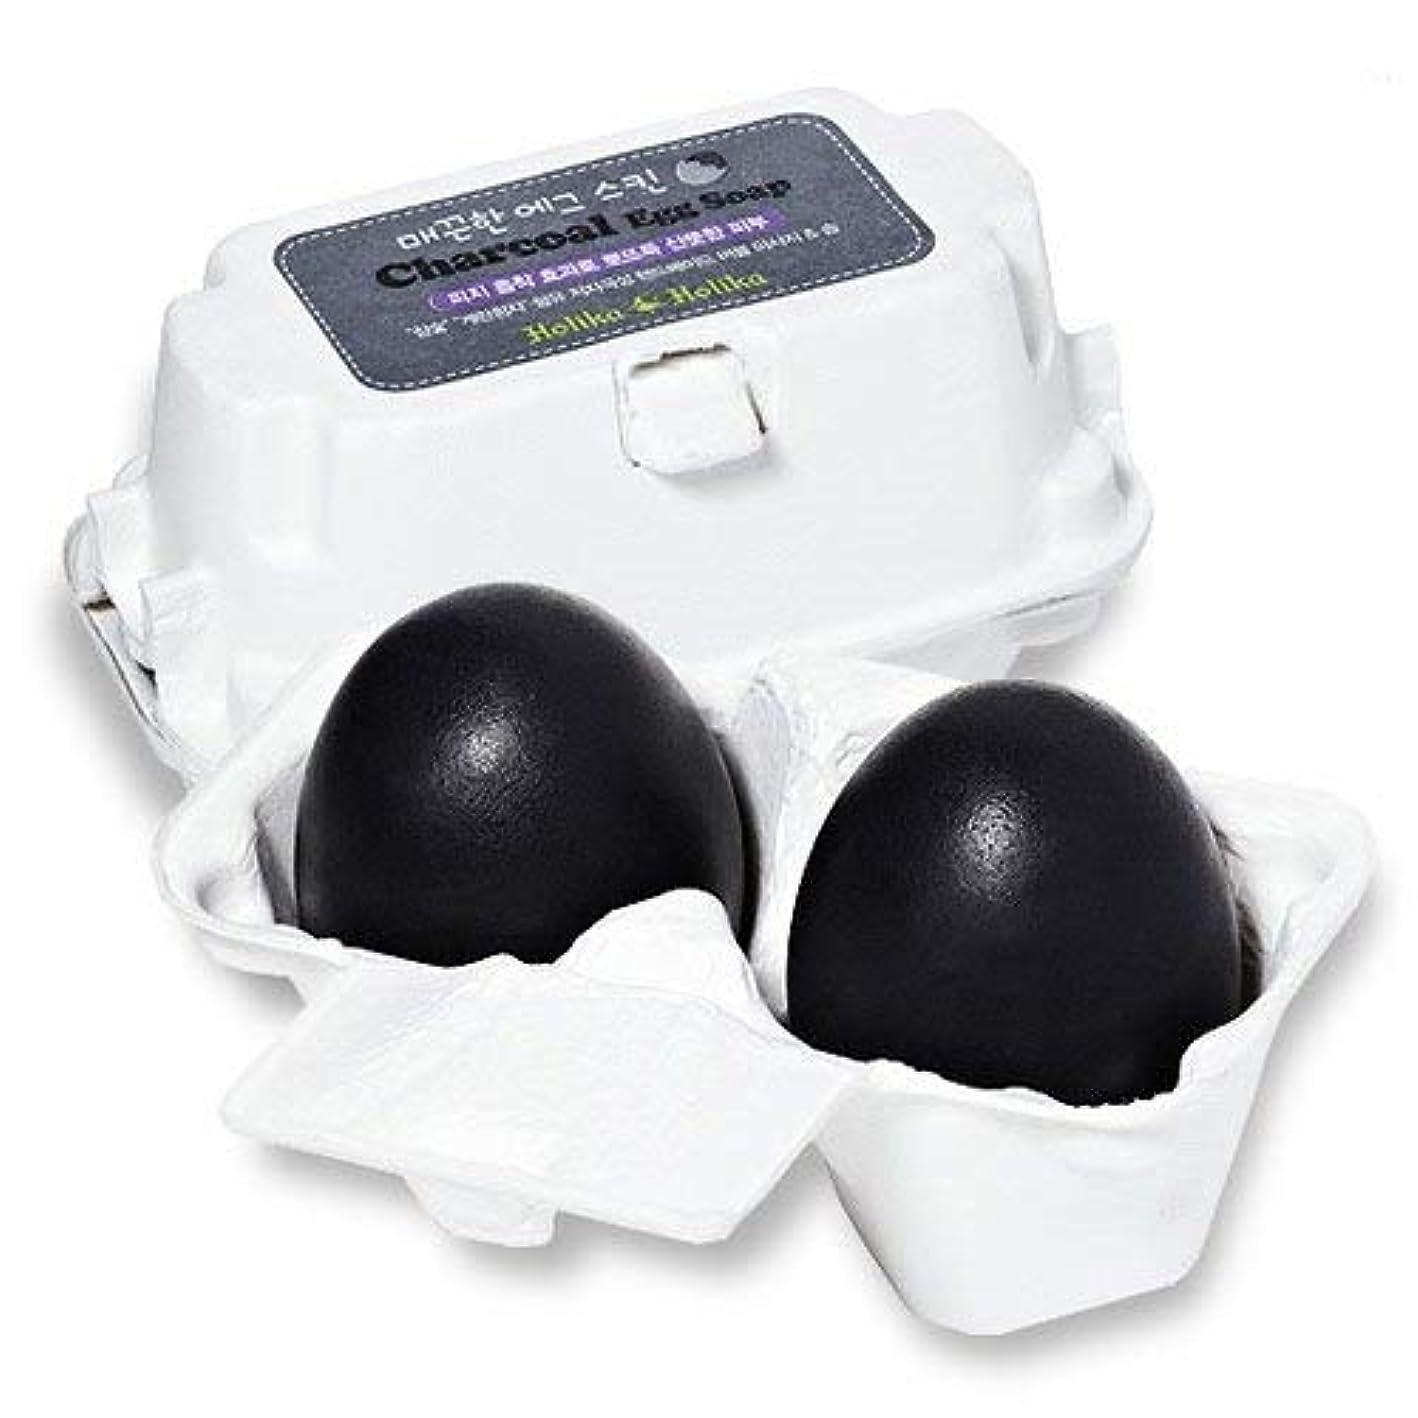 厳眠りパイル[堅炭/Charcoal] Holika Holika Egg Skin Egg Soap ホリカホリカ エッグスキン エッグソープ (50g*2個) [並行輸入品]